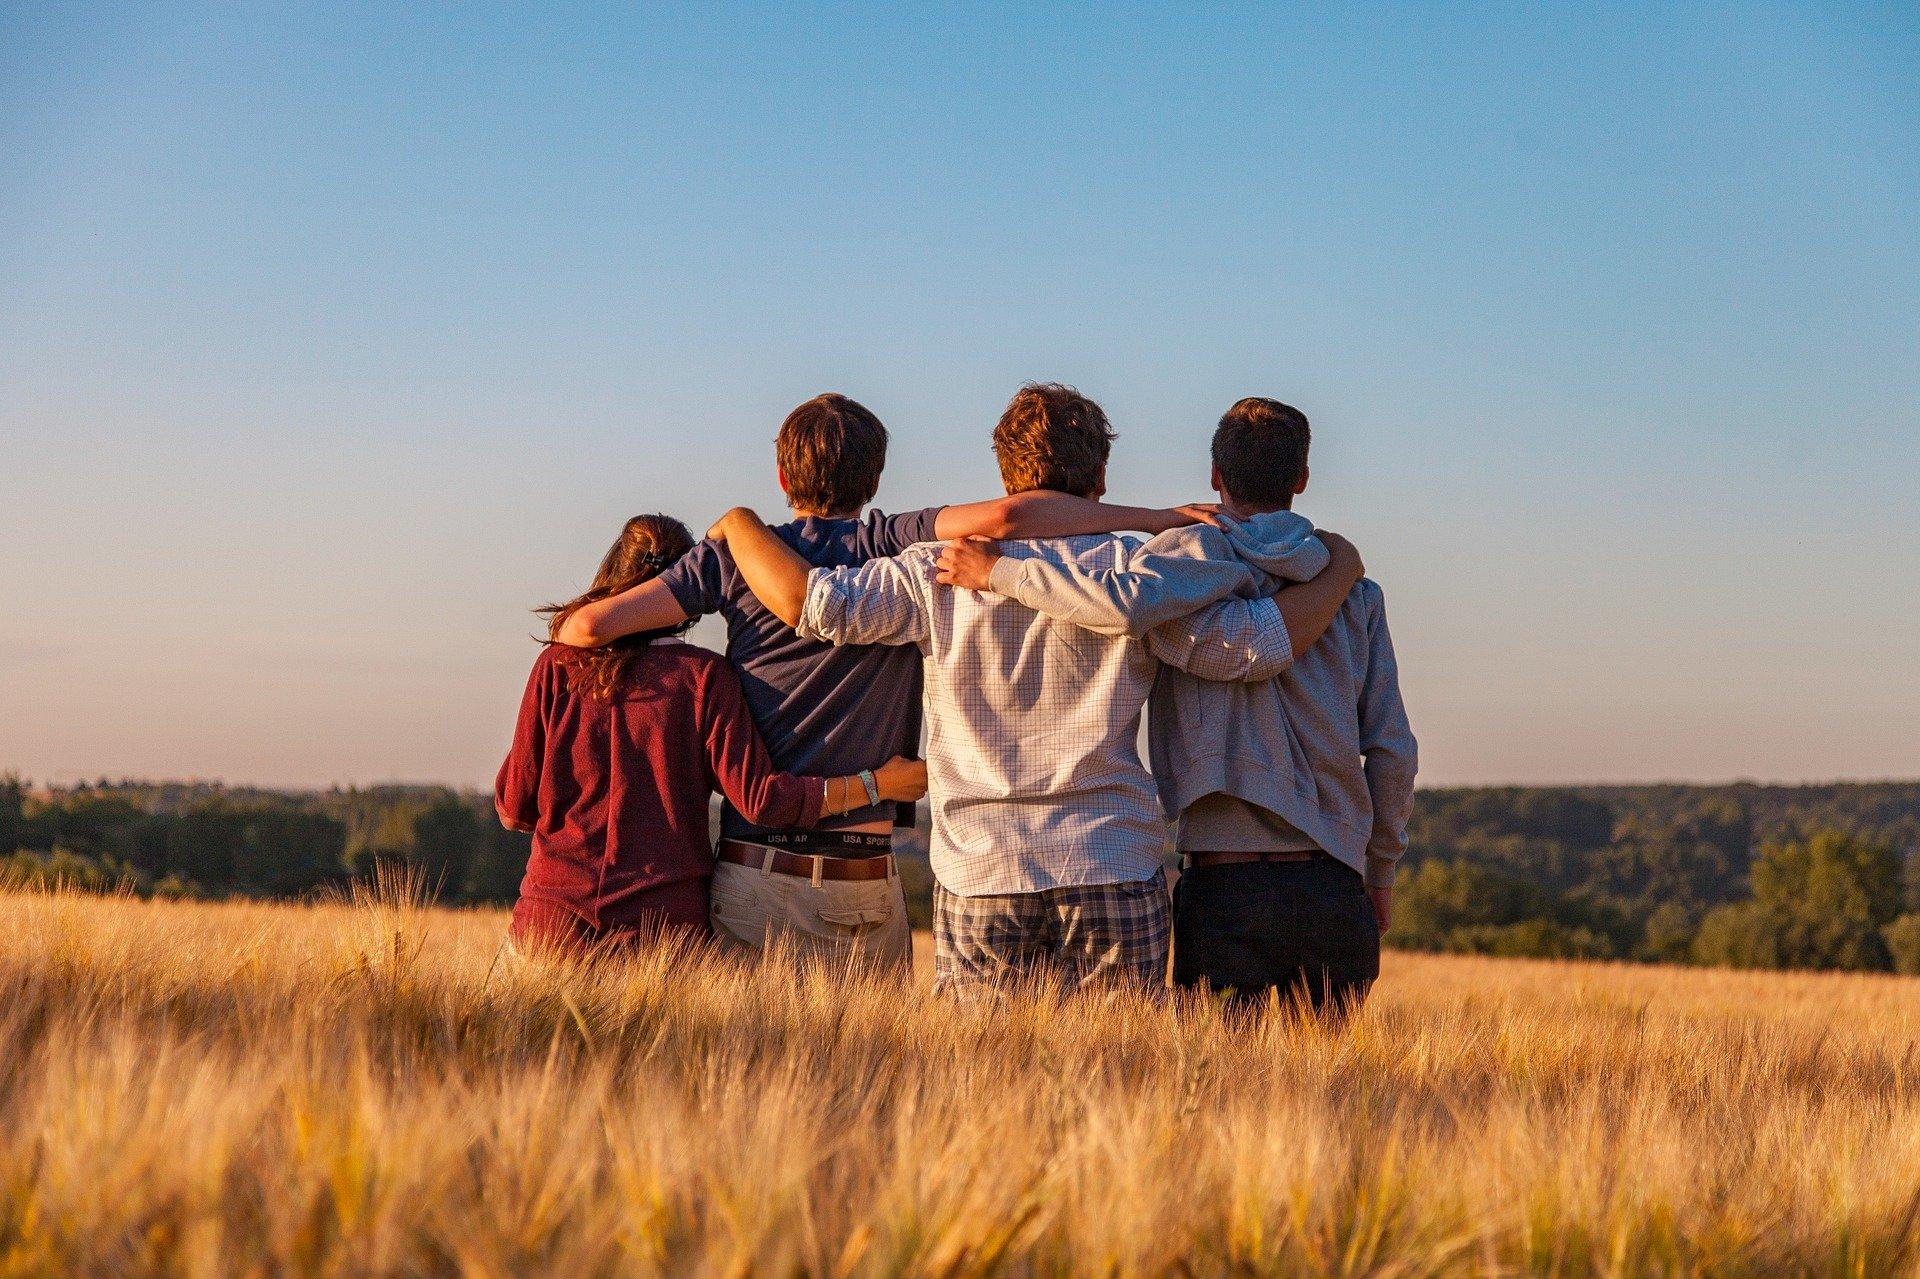 Afrontamiento a los cambios psicológicos durante la adolescencia